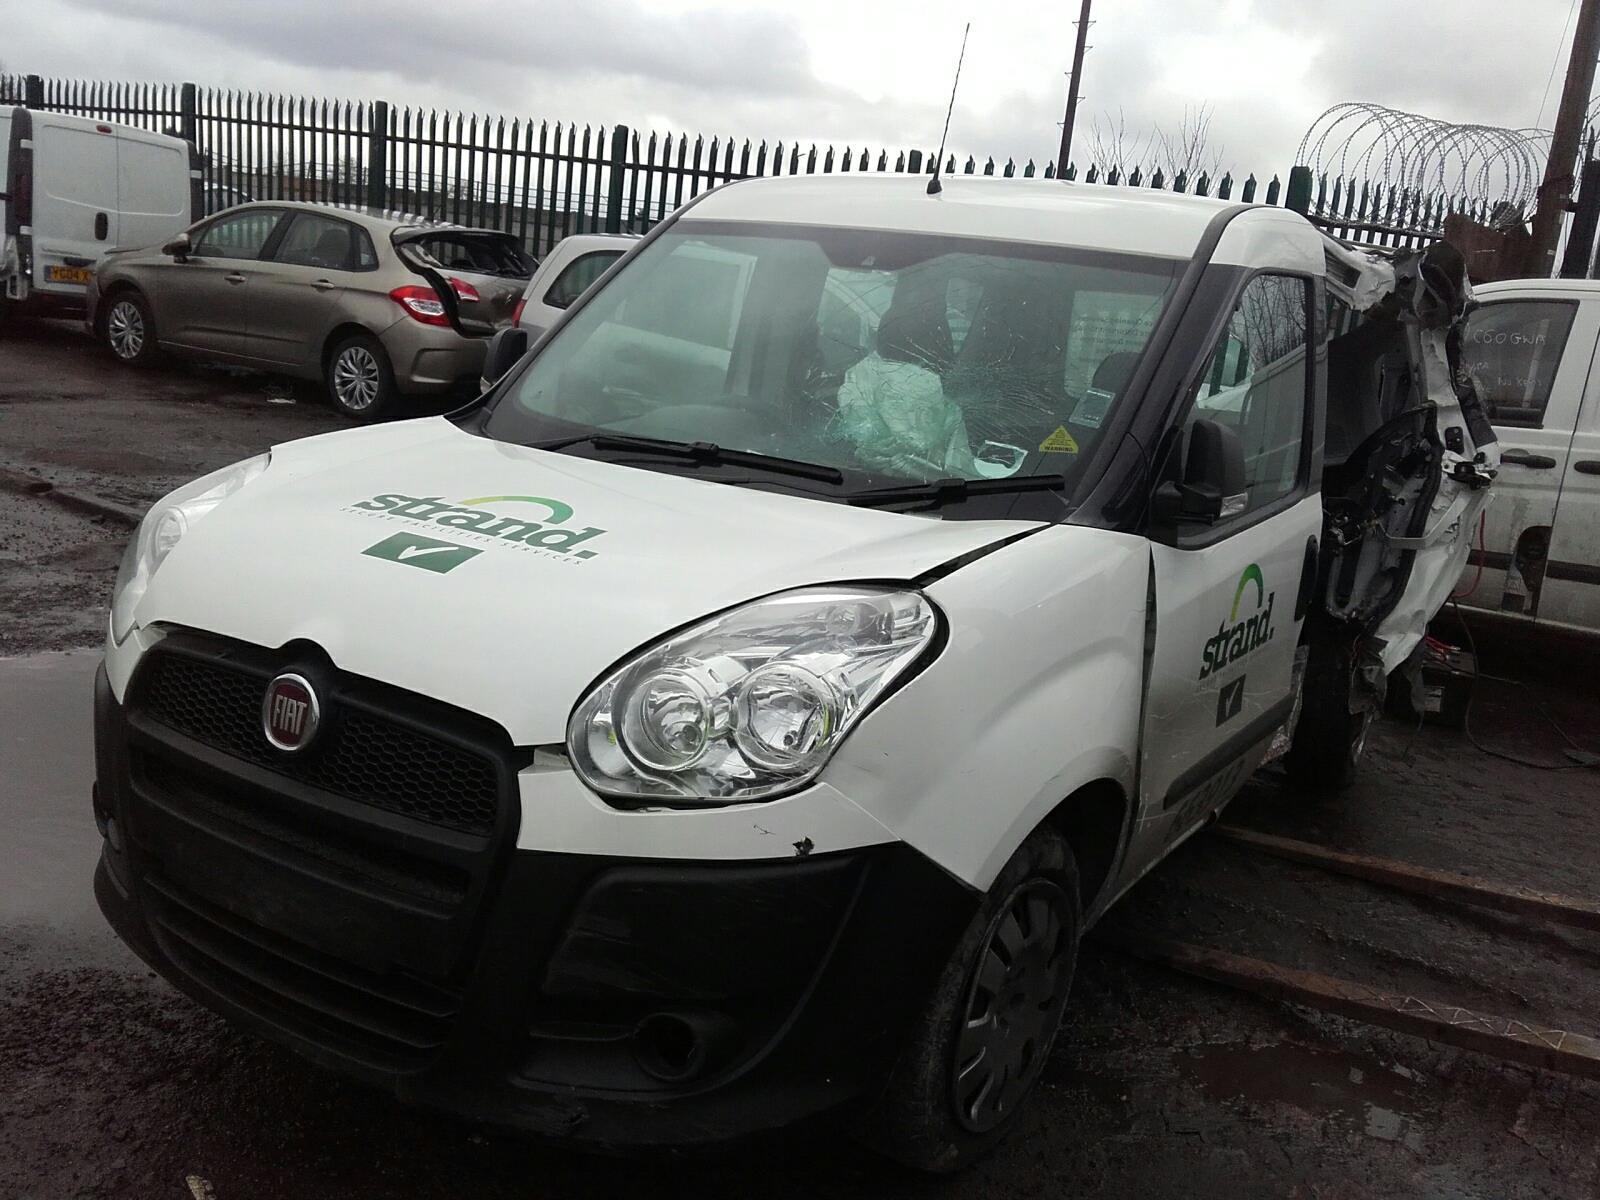 Fiat Doblo Combi 2010 On M.P.V. Fiat Doblo Combi 2010 On M.P.V. ...